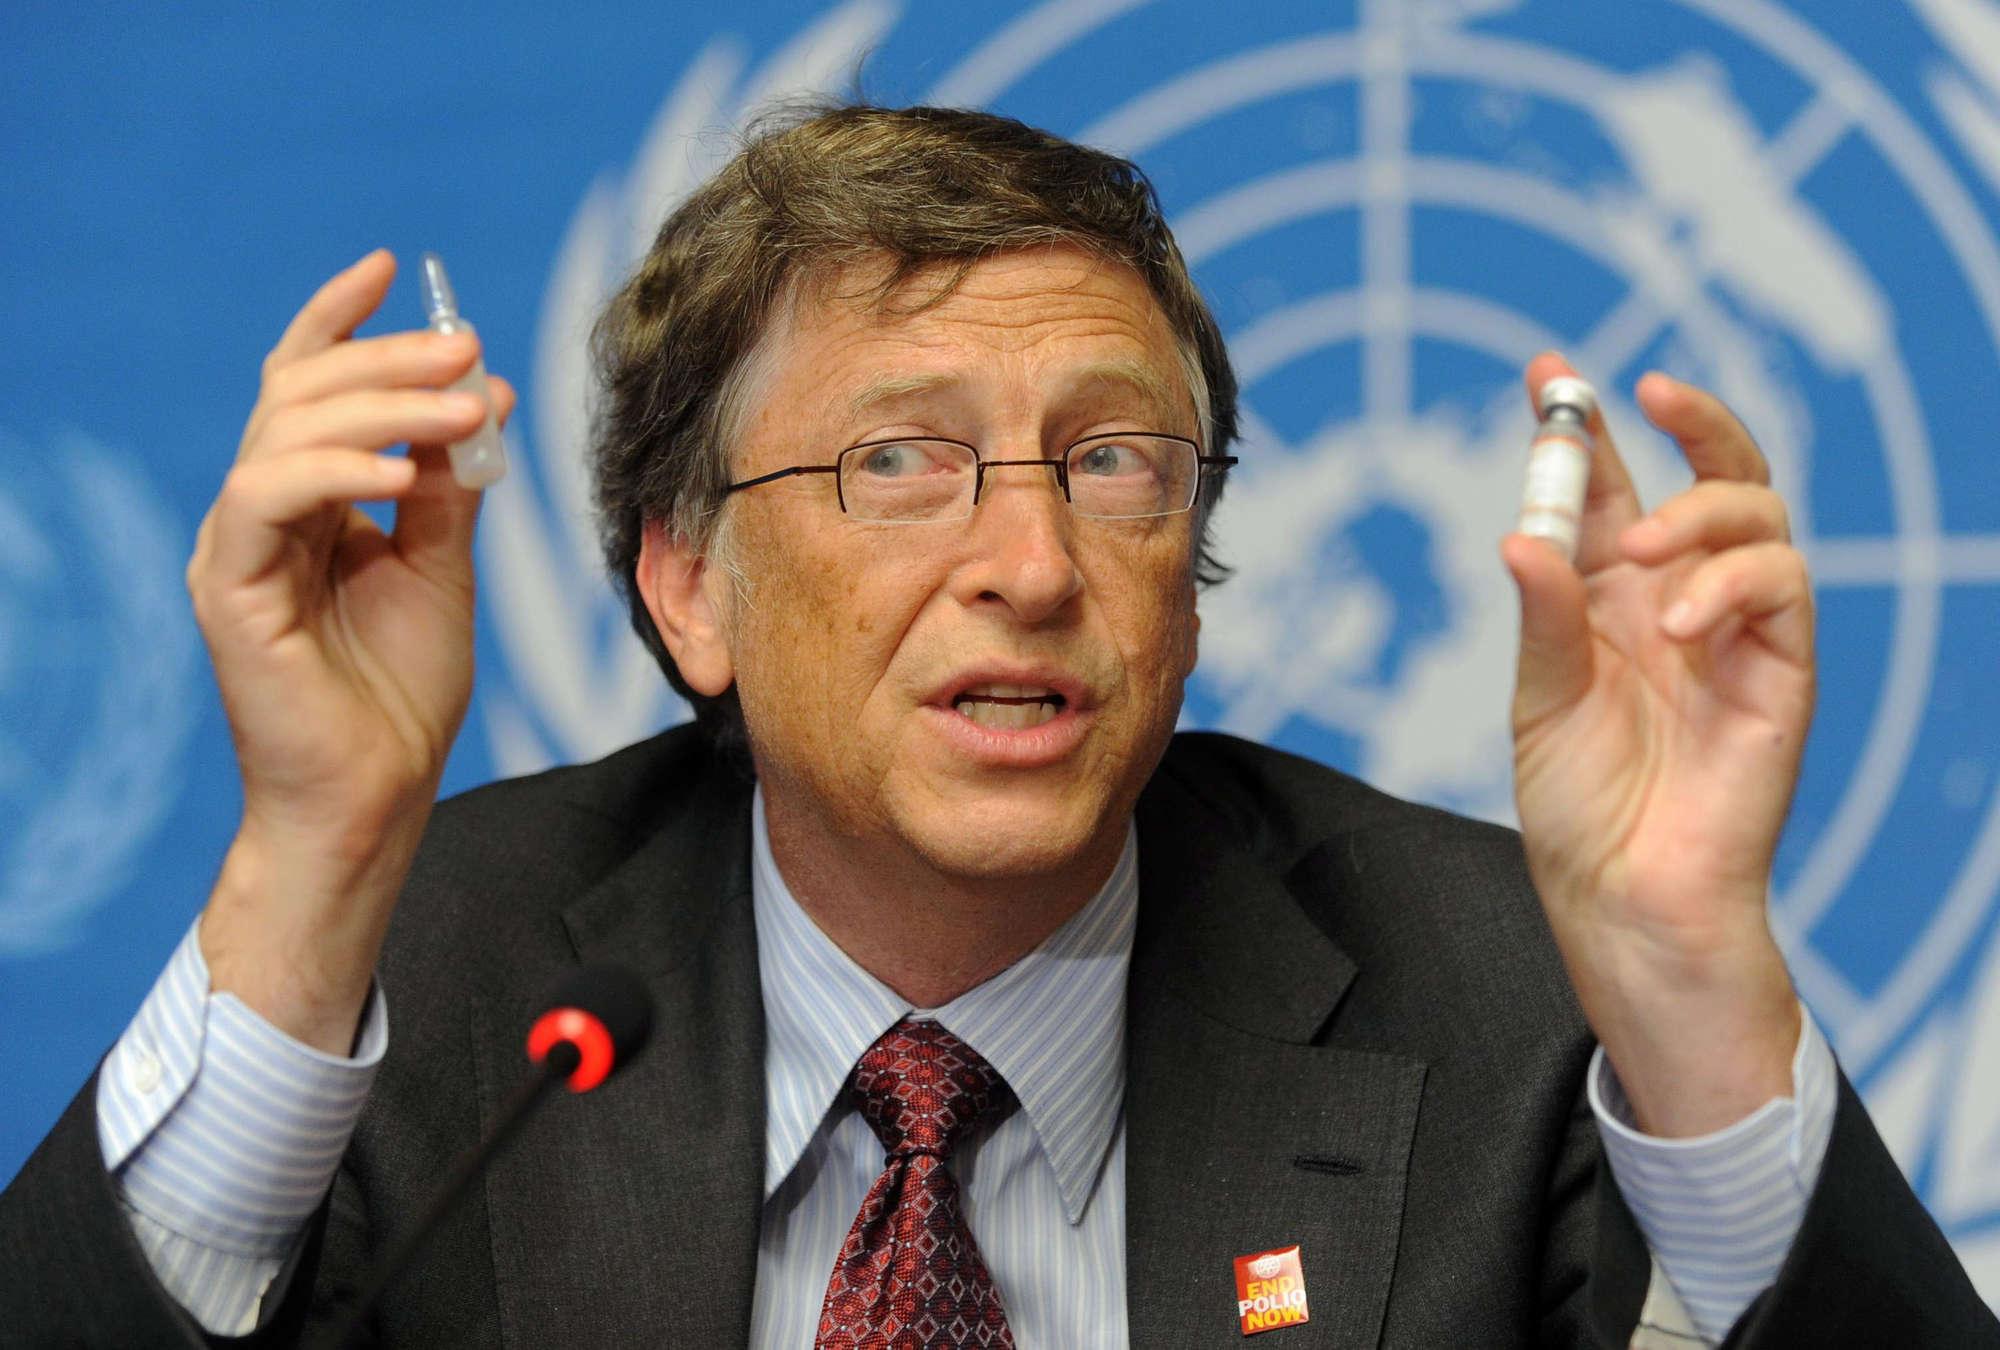 """Bill Gates: """"Il 95% dei soldi non mi serve. Meglio aiutare gli altri"""""""